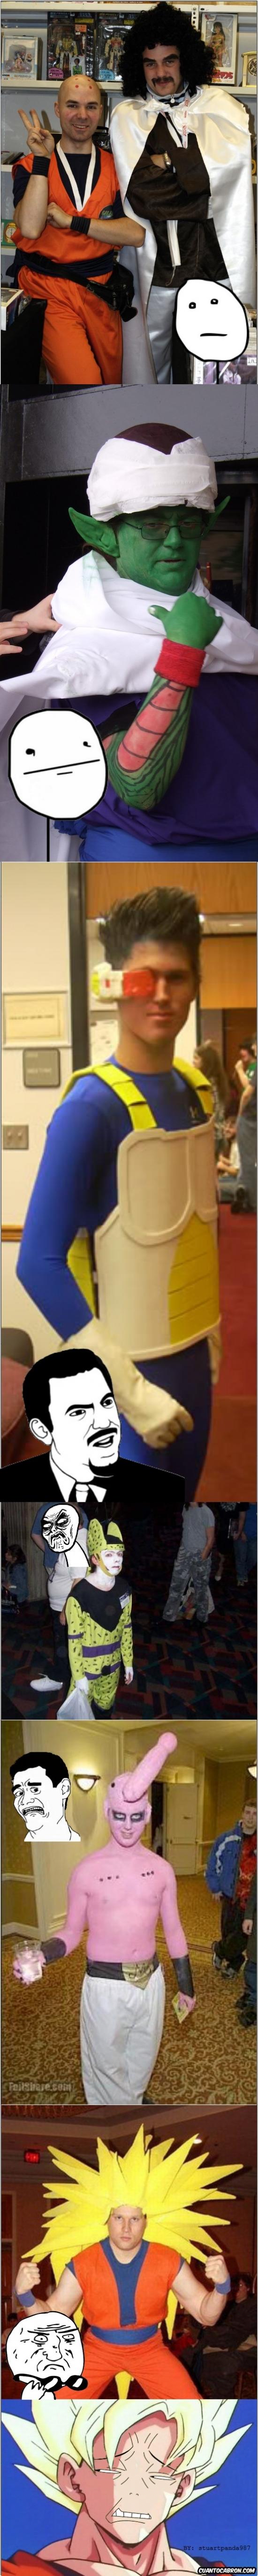 Mix - Cuando un cosplay se hace bien hecho todos flipan, pero cuando no...